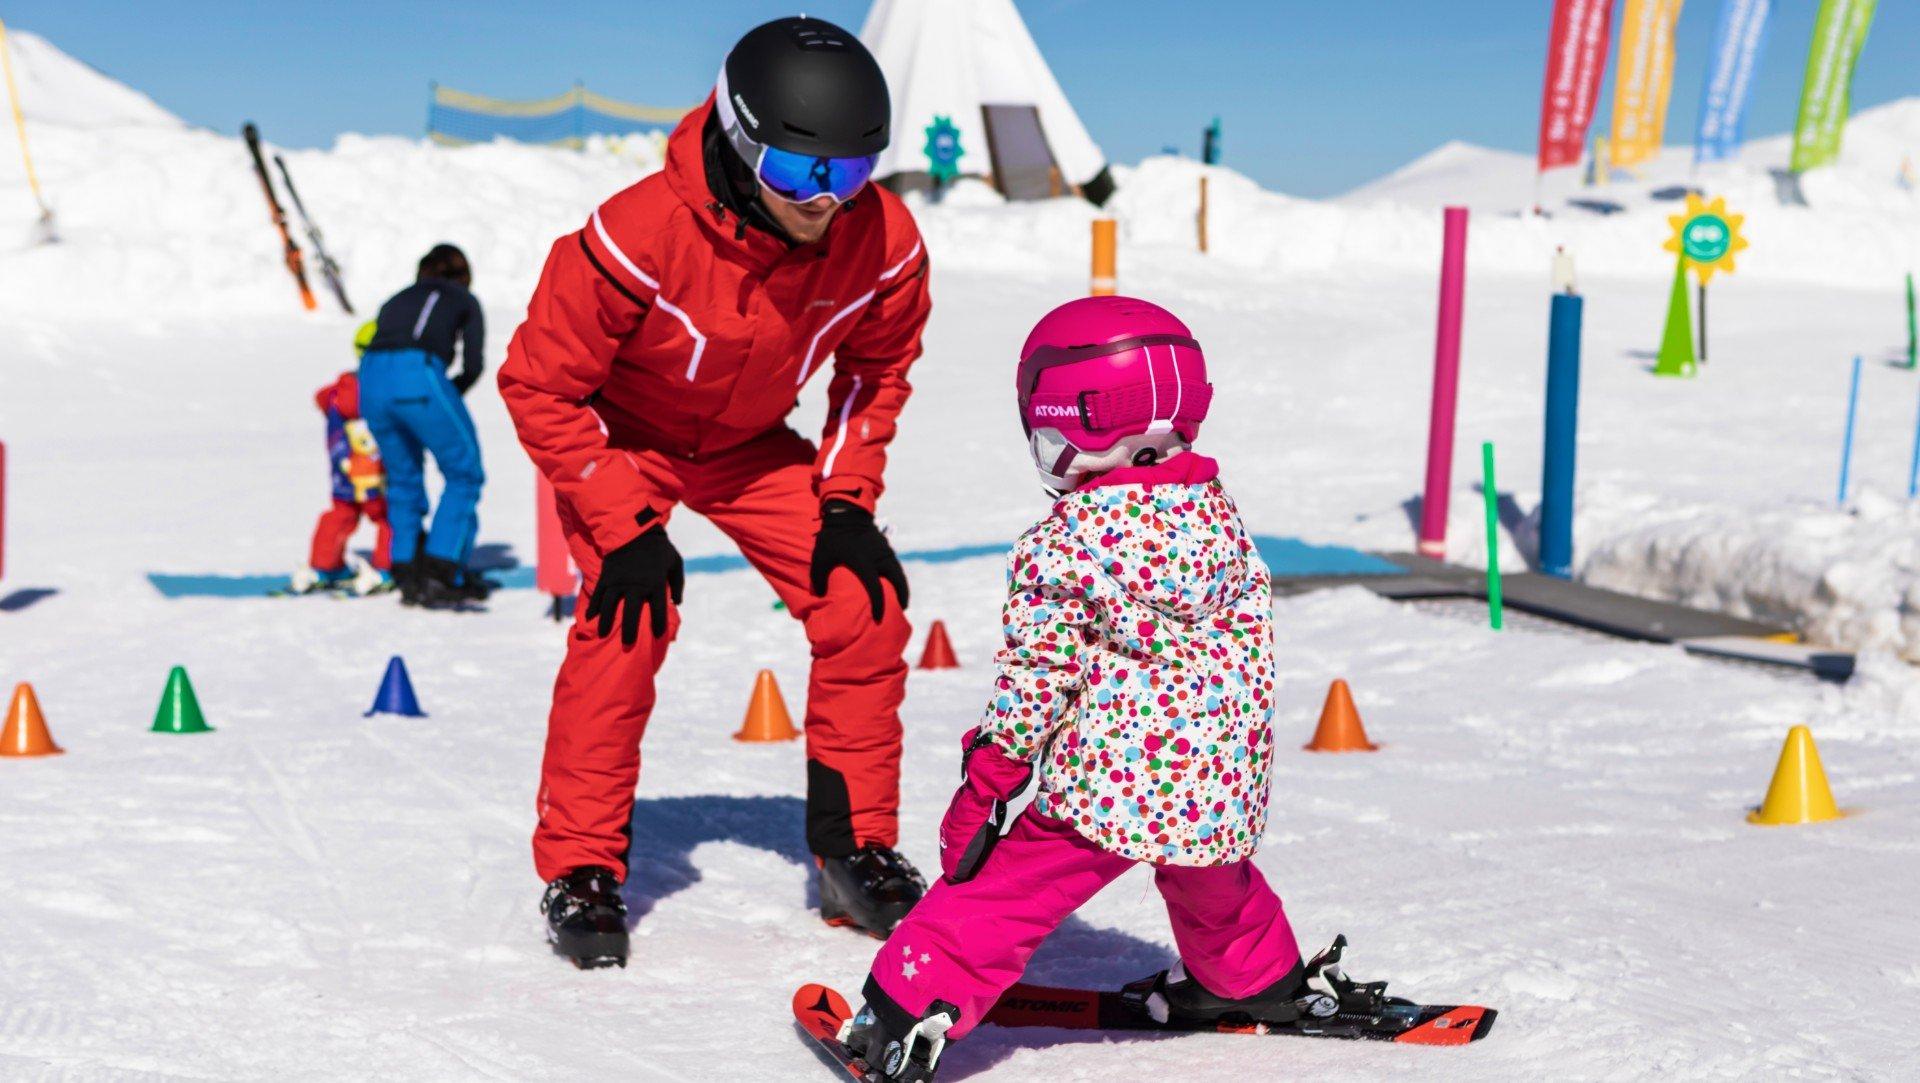 Un maestro di sci insegna a sciare a una bambina.